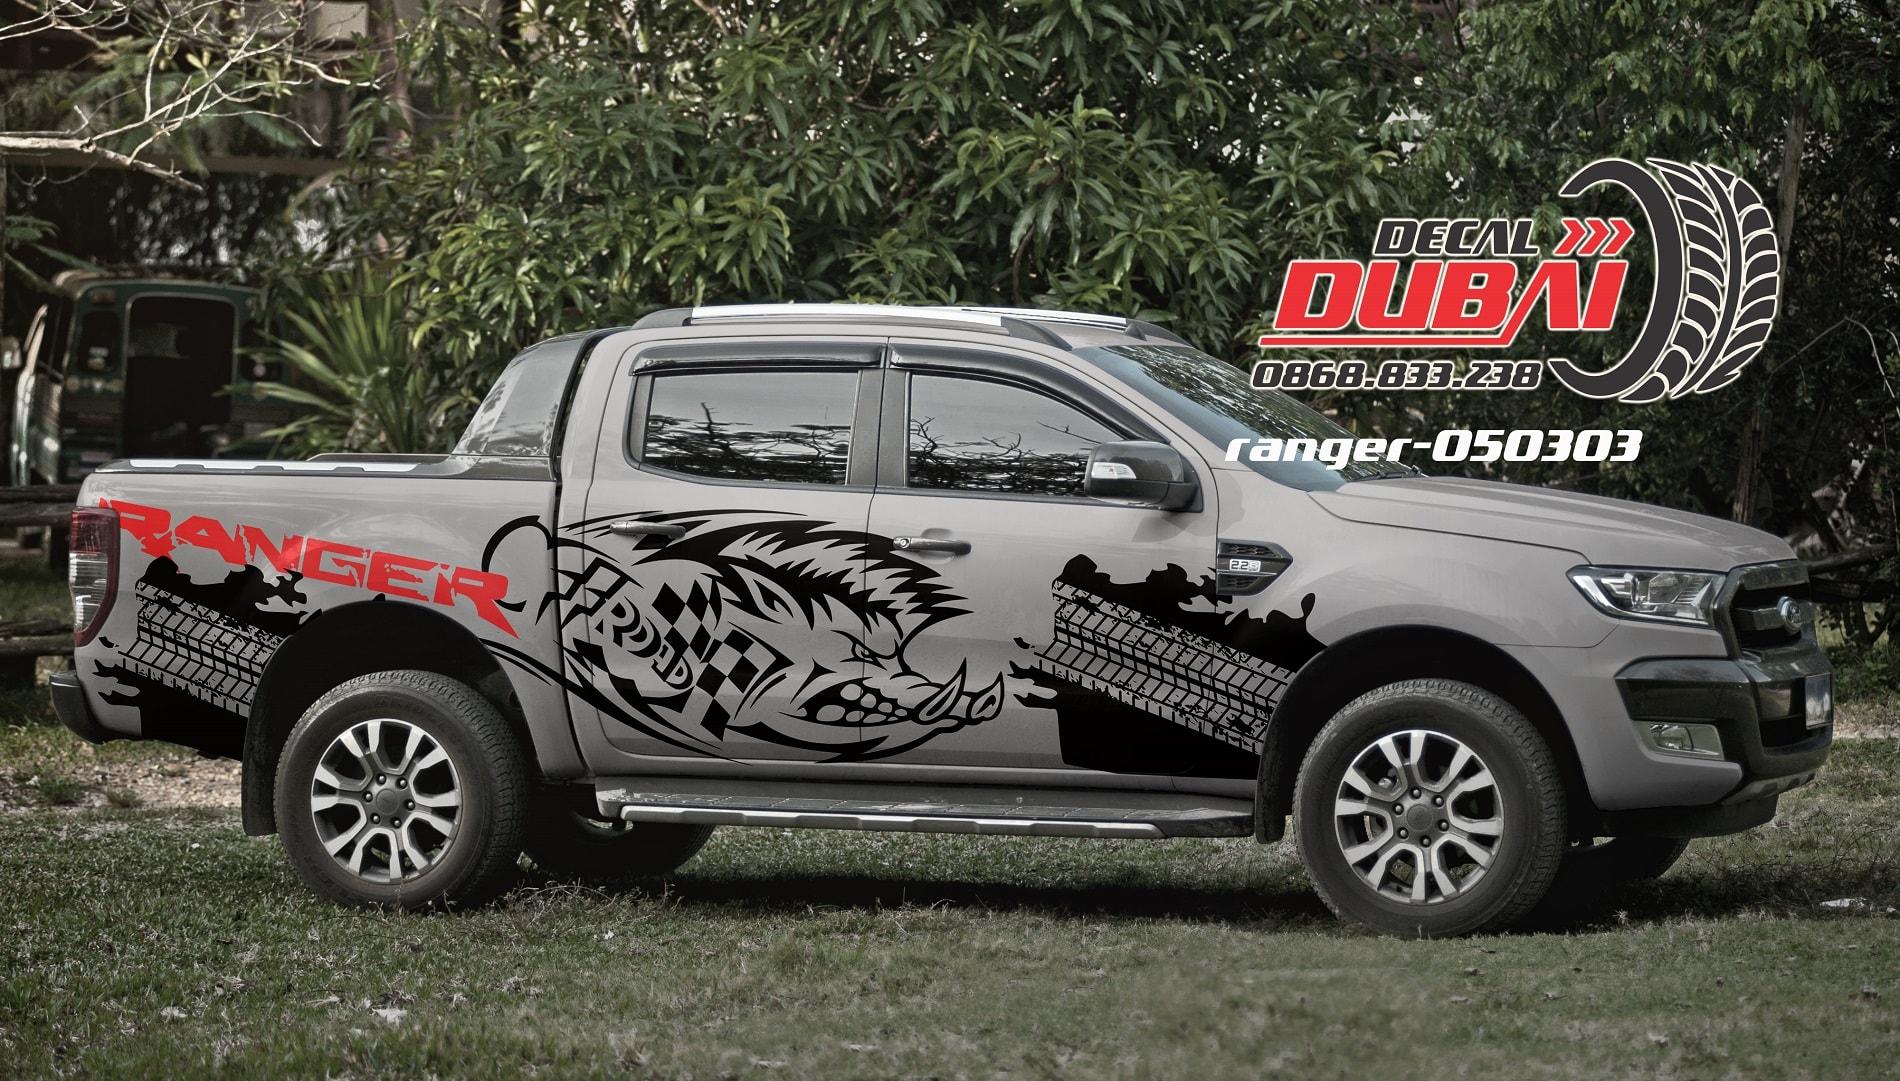 Tem-xe-ranger-050303.2-1750k-min